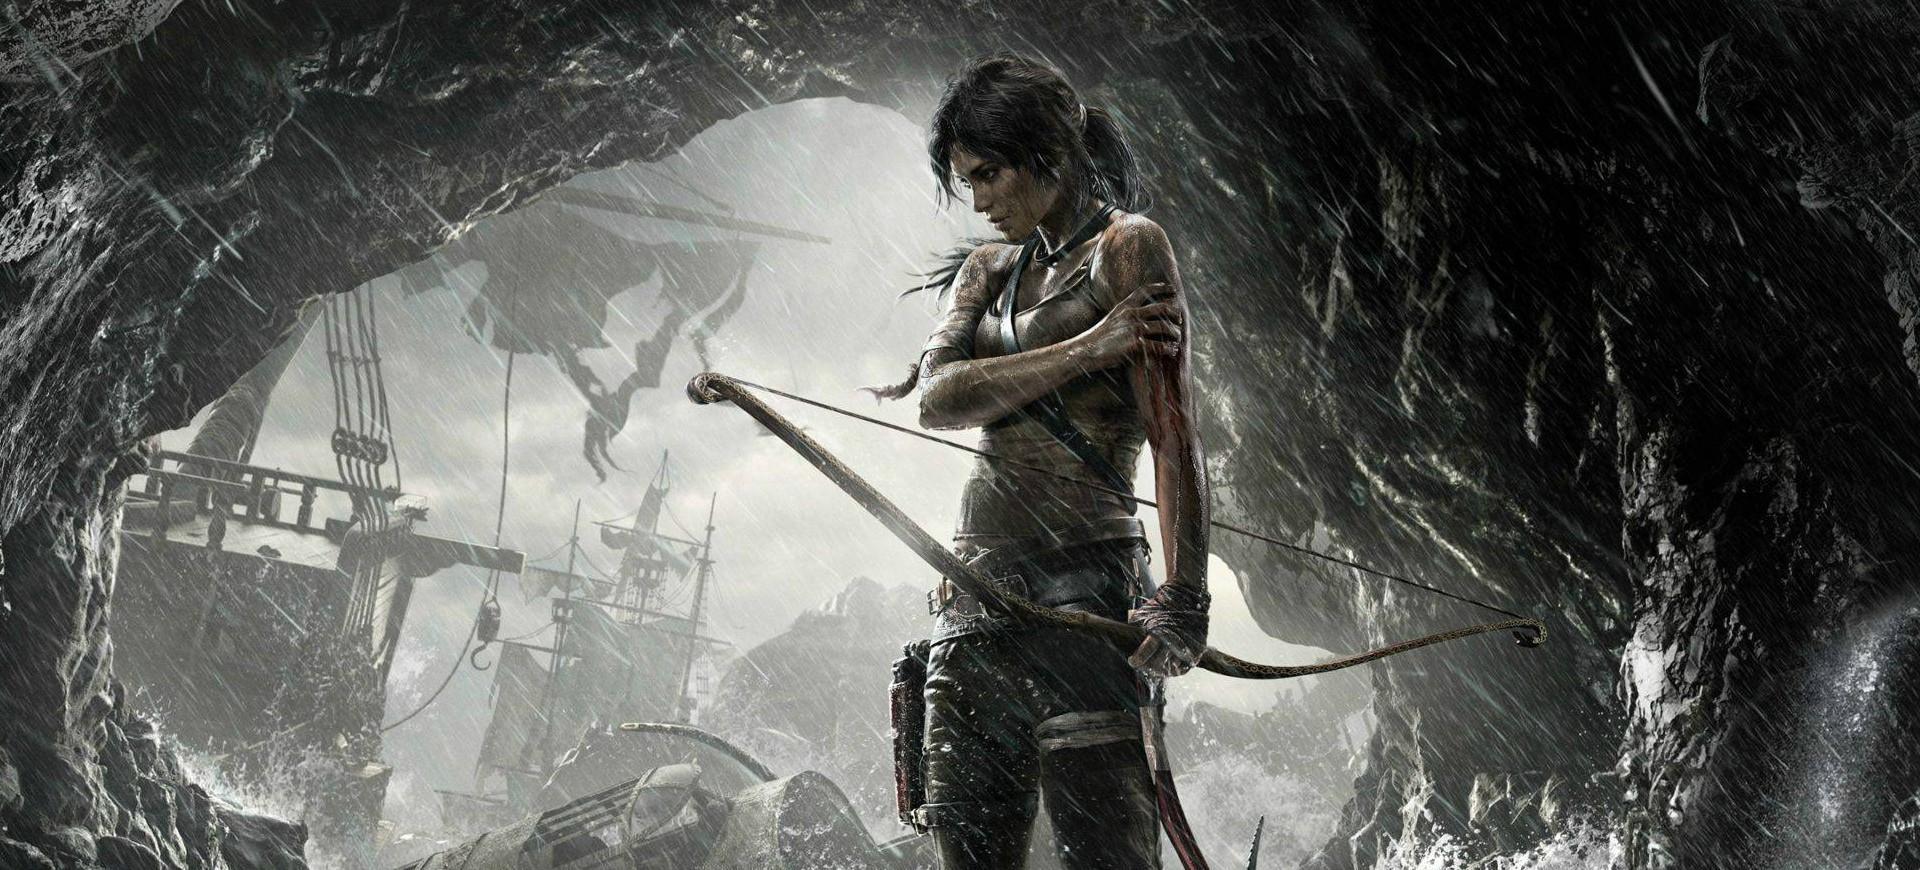 Nhận ngay Tomb Raider khi làm từ thiện với GameChanger